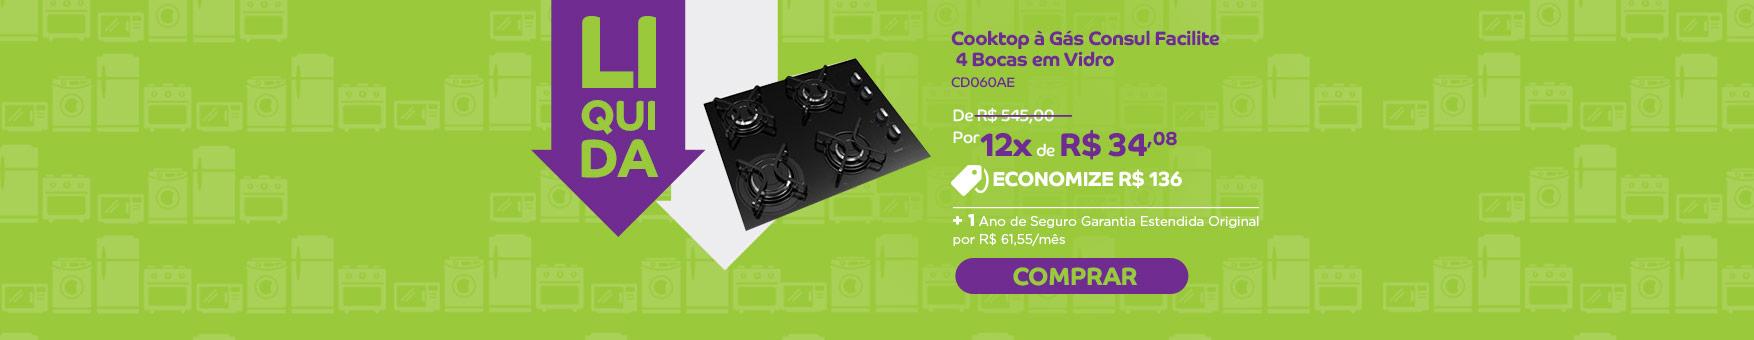 Promoção Interna - 183 - liquida_cd060ae_home_31072015 - cd060ae - 2